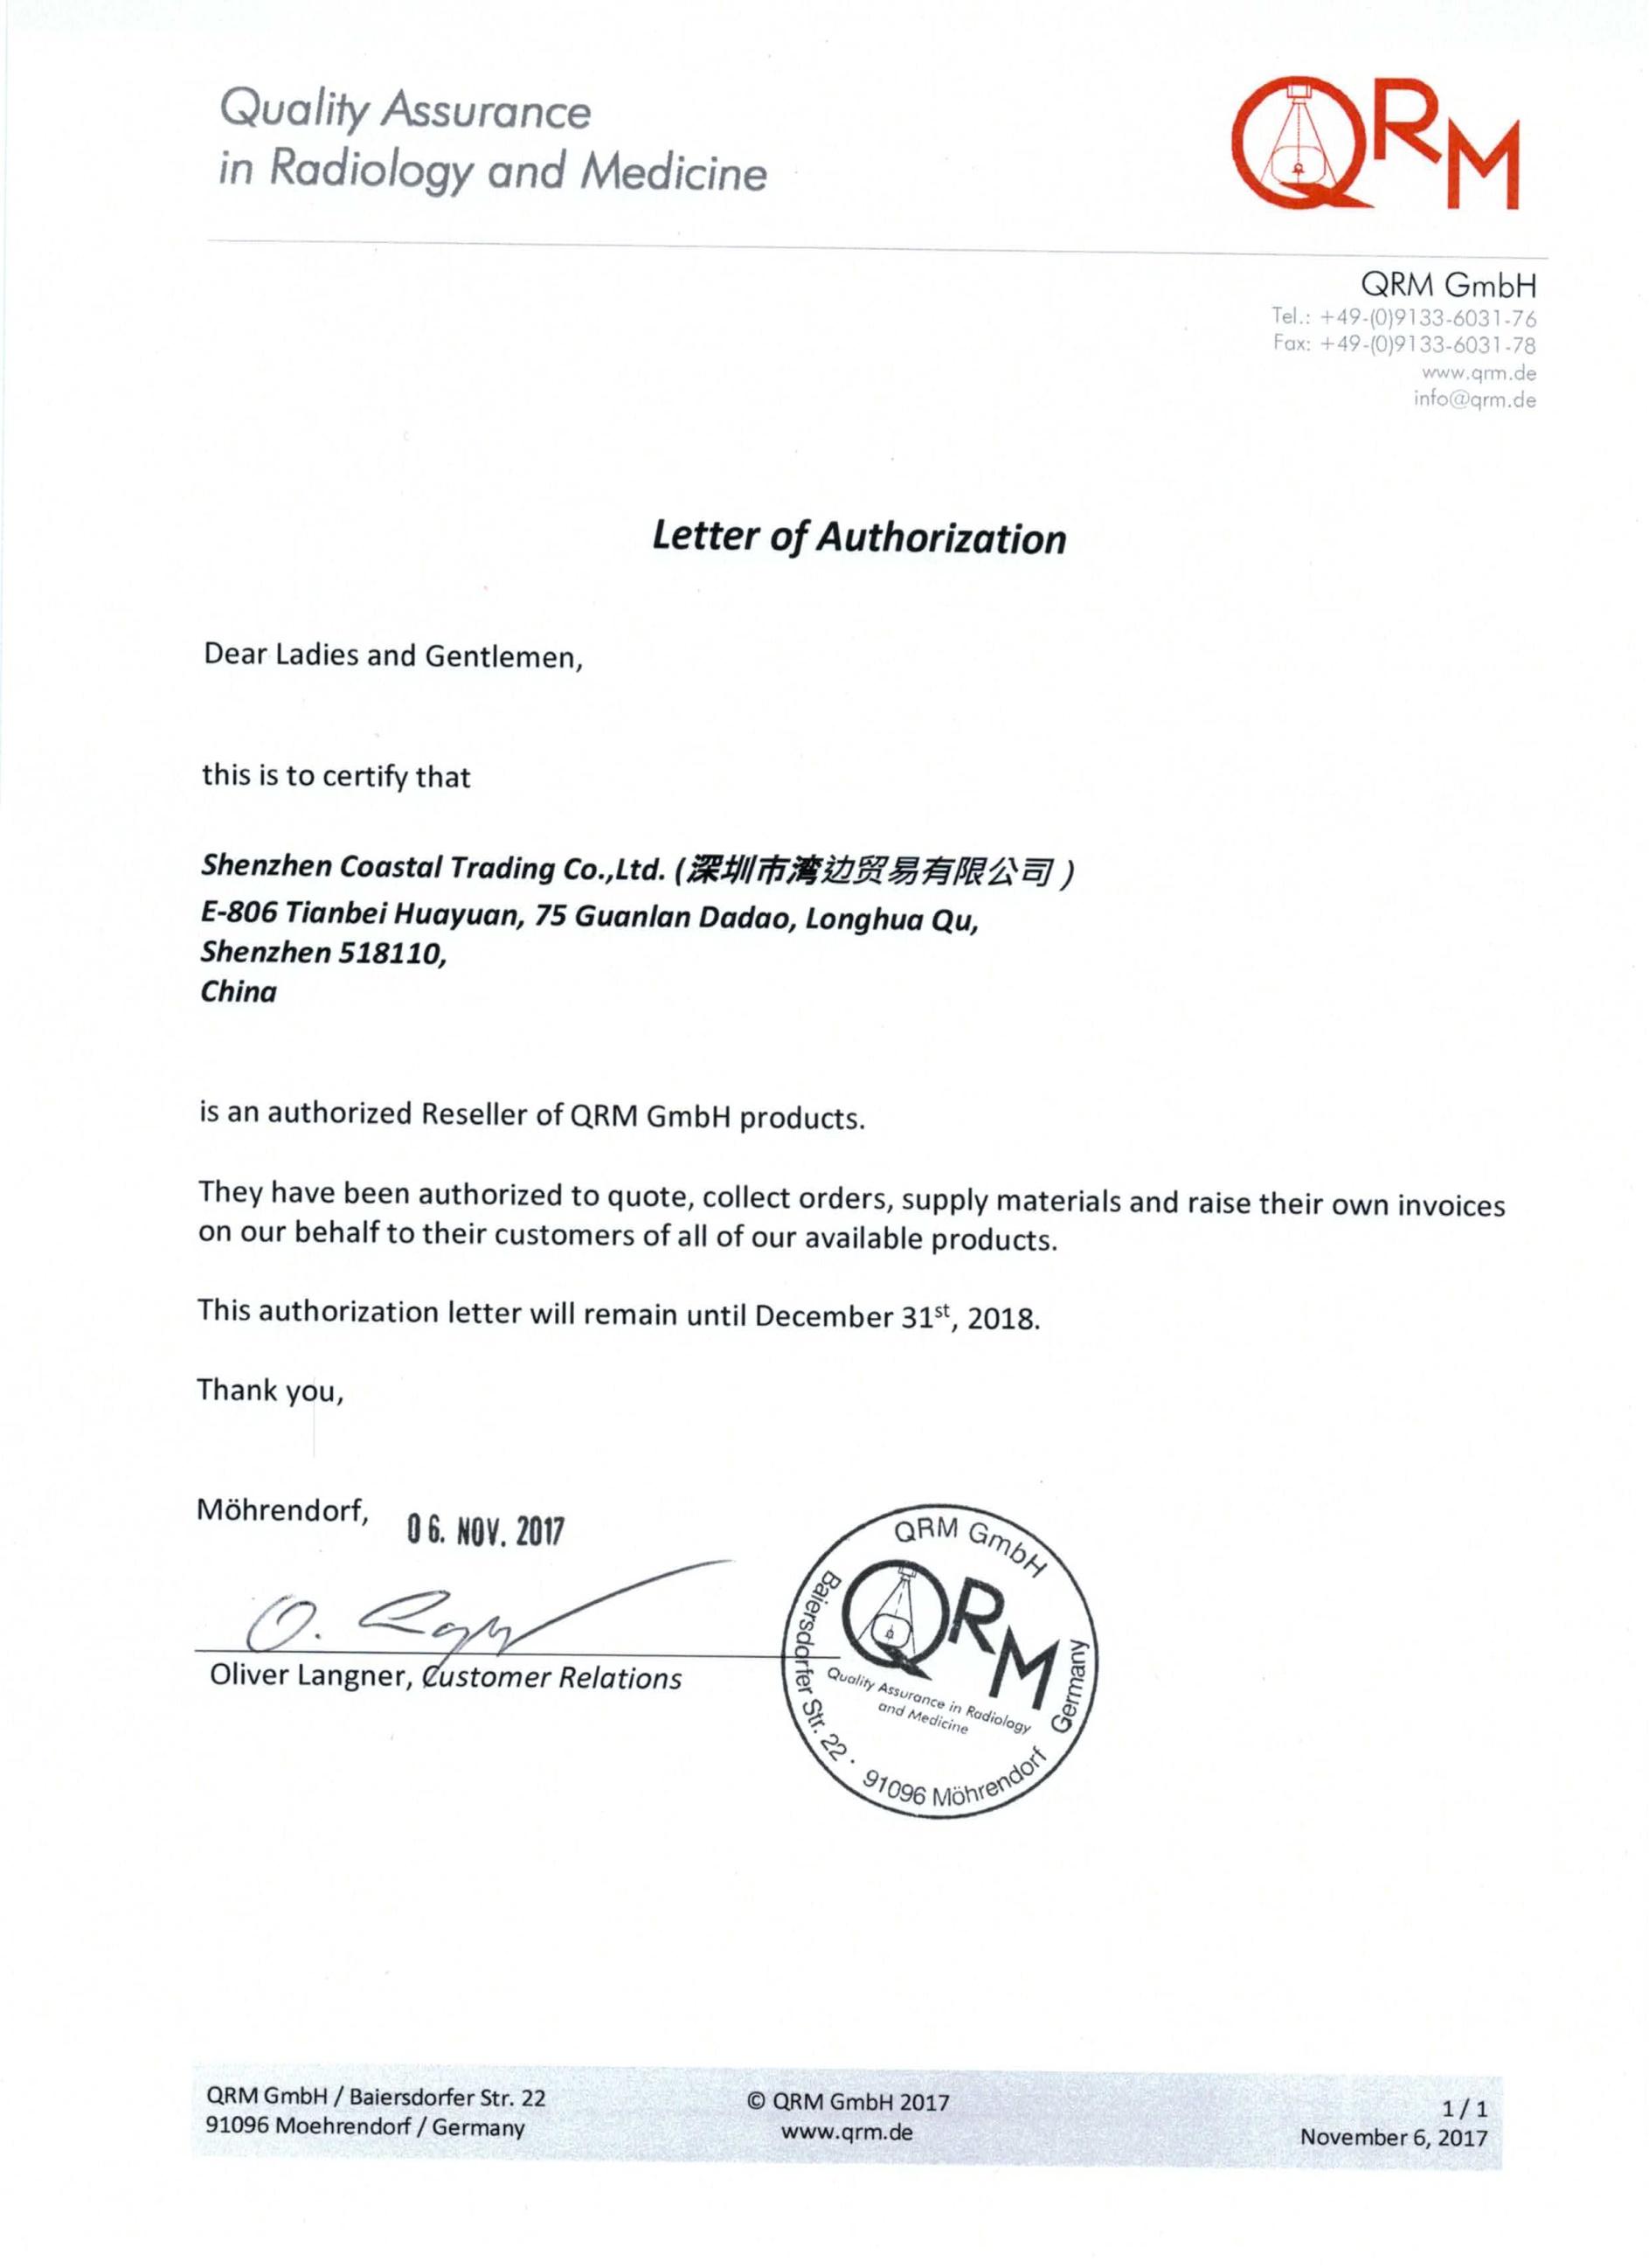 <p> 德國QRM授權證書 </p>